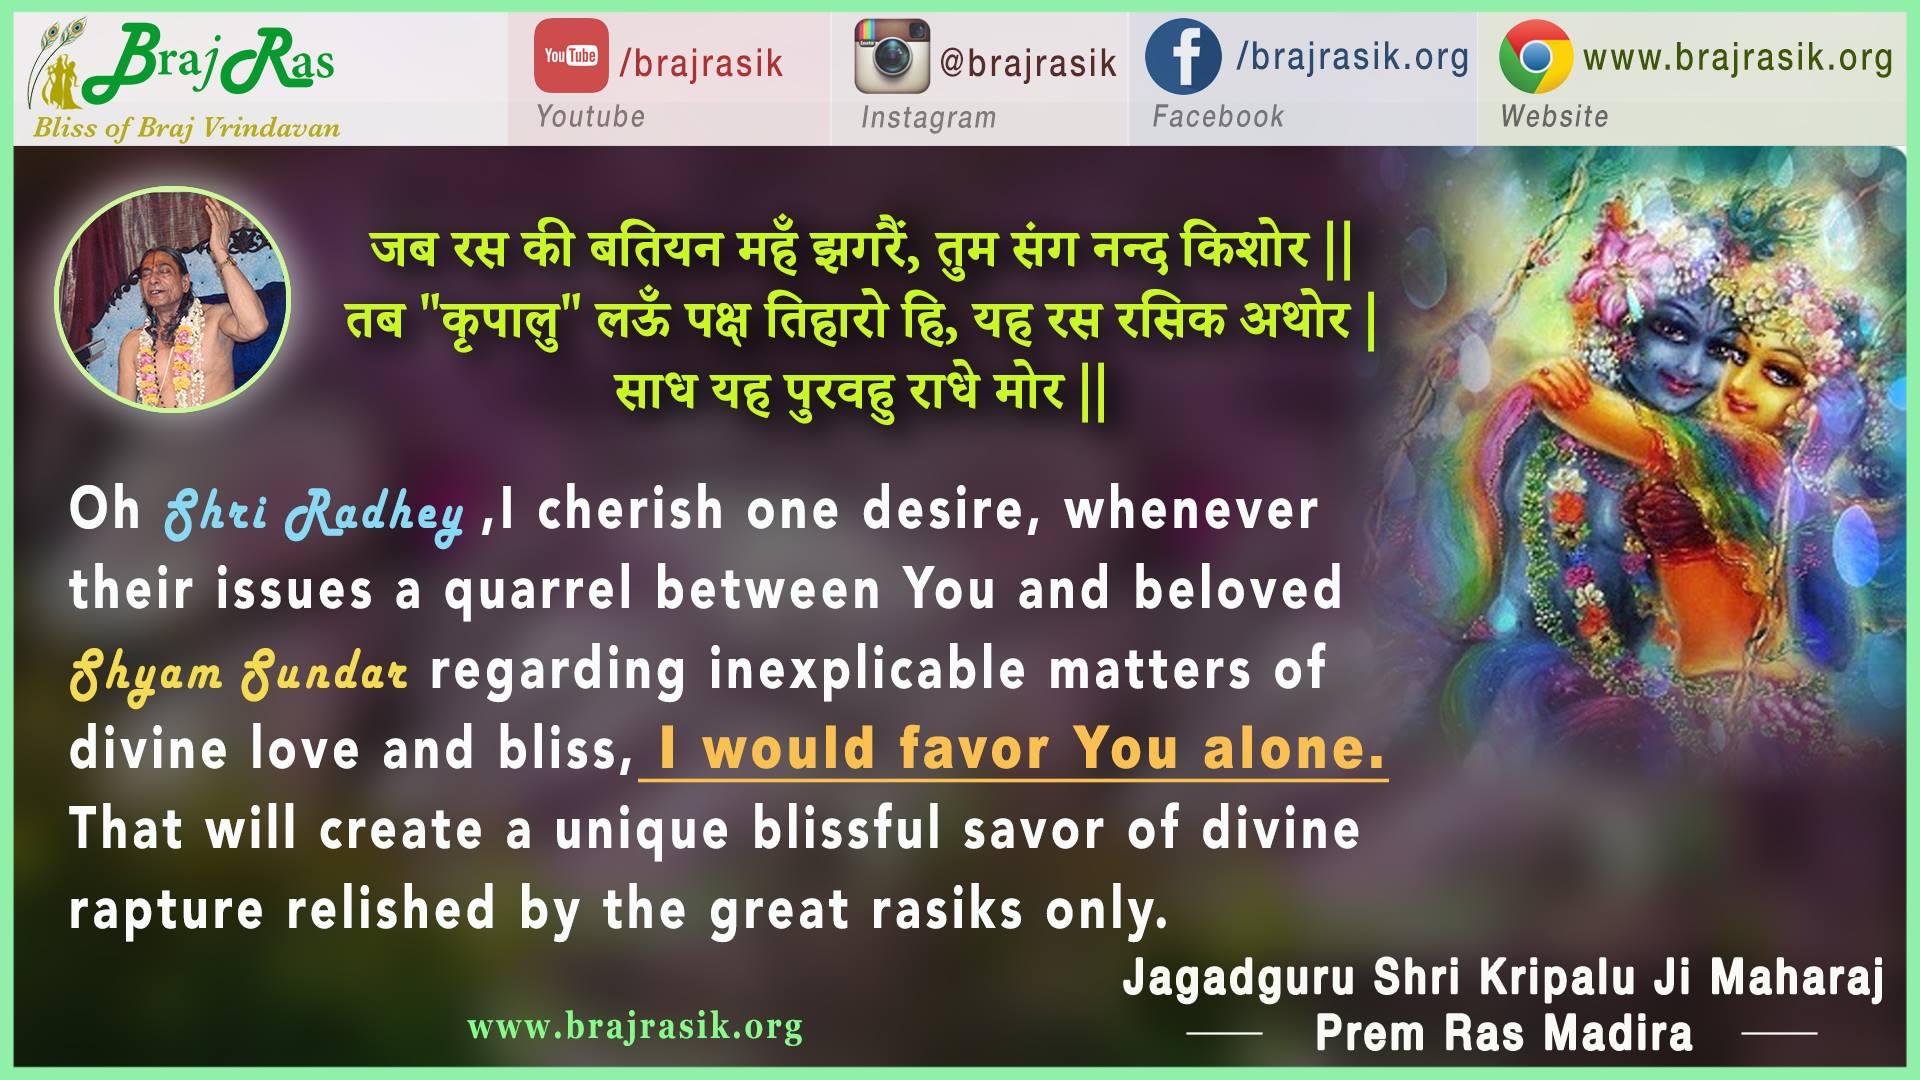 Jab Ras Ki Batiyan Mahan Jhagarein - Jagadguru Shri Kripalu Ji Maharaj, Prem Ras Madira